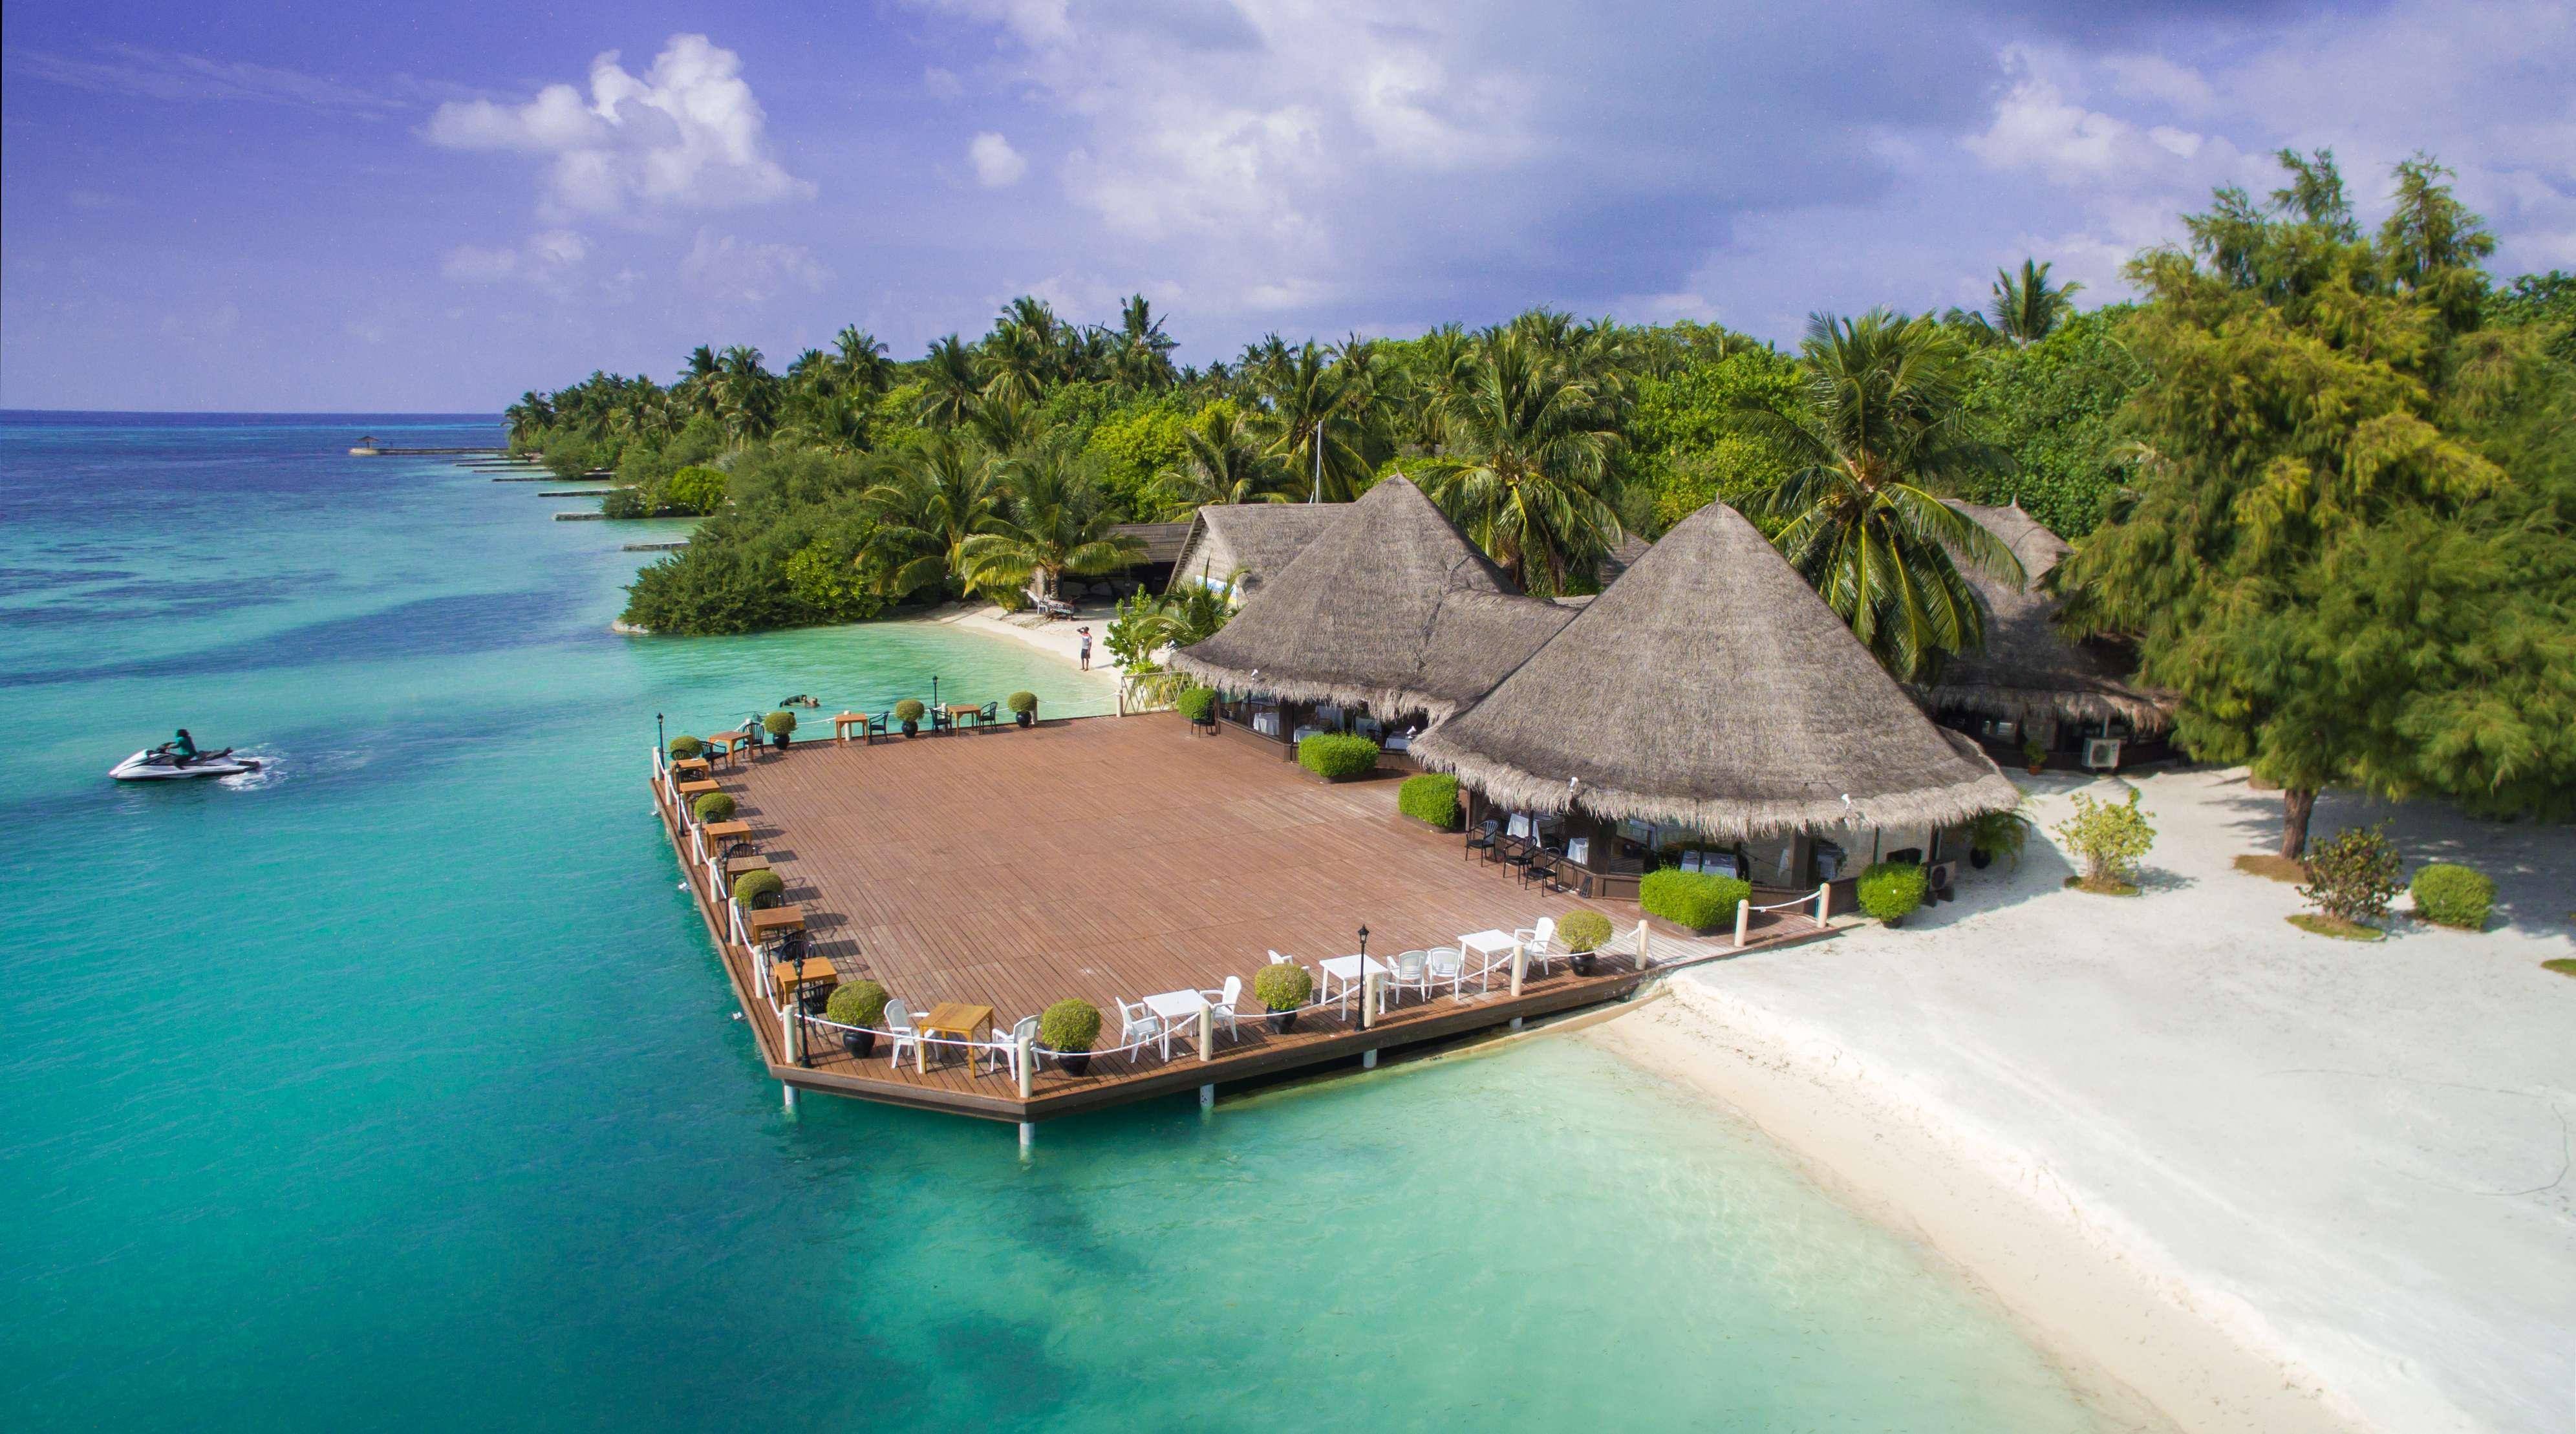 Maldives: 4-Star All-Inc Retreat w/Speedboat Transfers - Save 30%